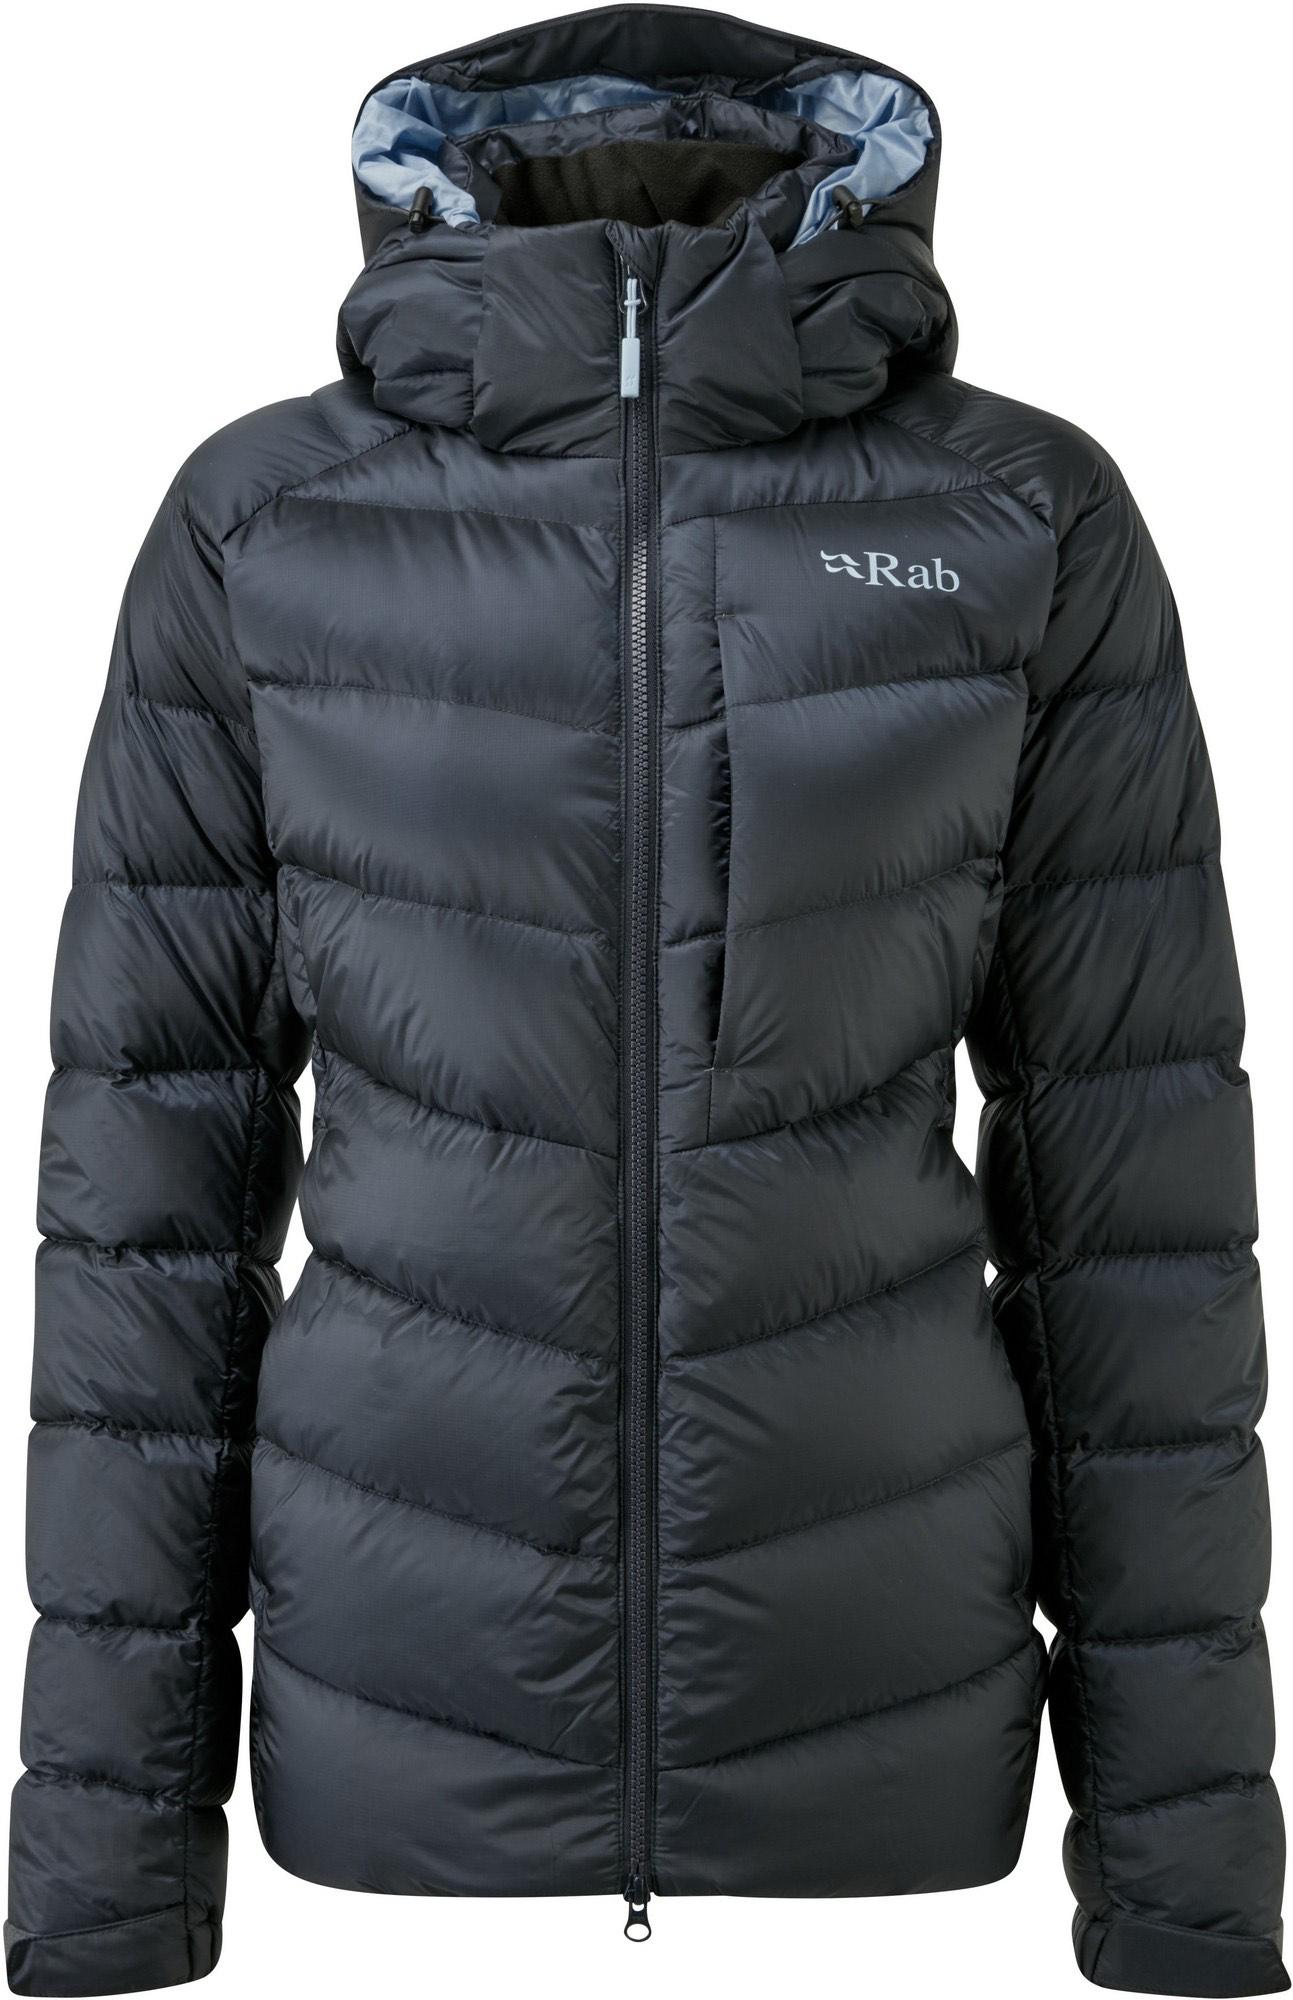 Rab Womens Axion Pro Jacket - Beluga £138.60 at Taunton Leisure (use code)